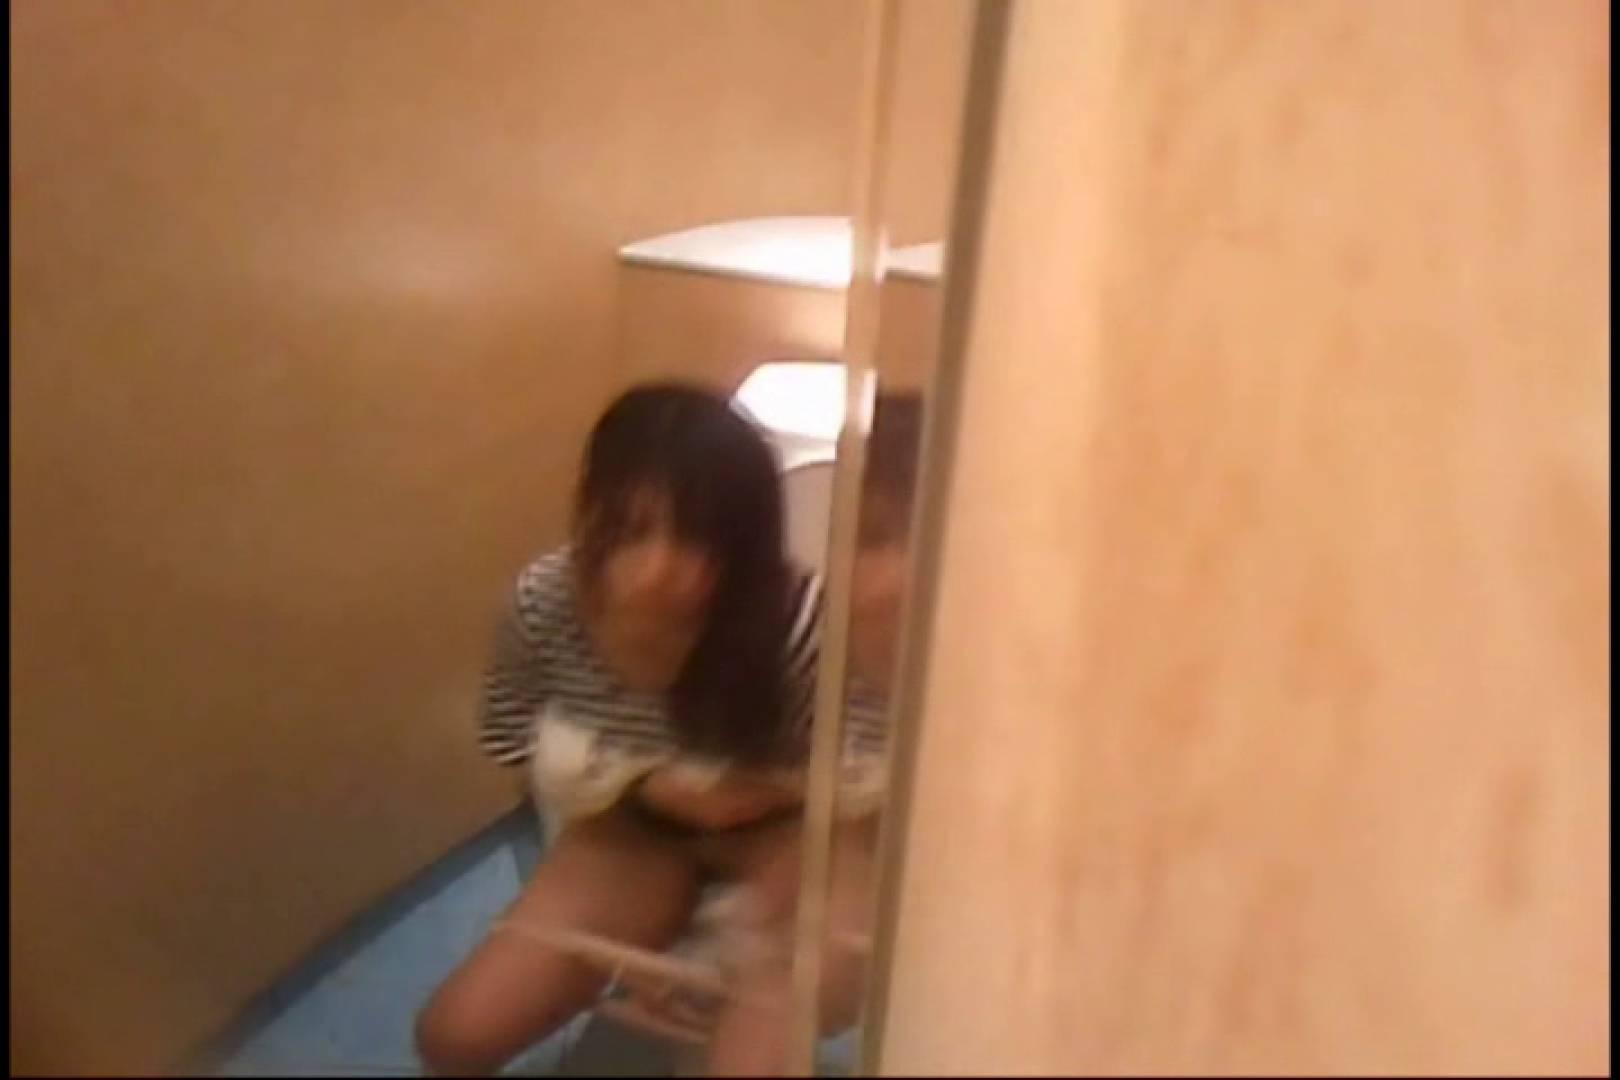 画質向上!新亀さん厠 vol.71 オマンコ秘宝館 のぞき動画画像 59連発 53